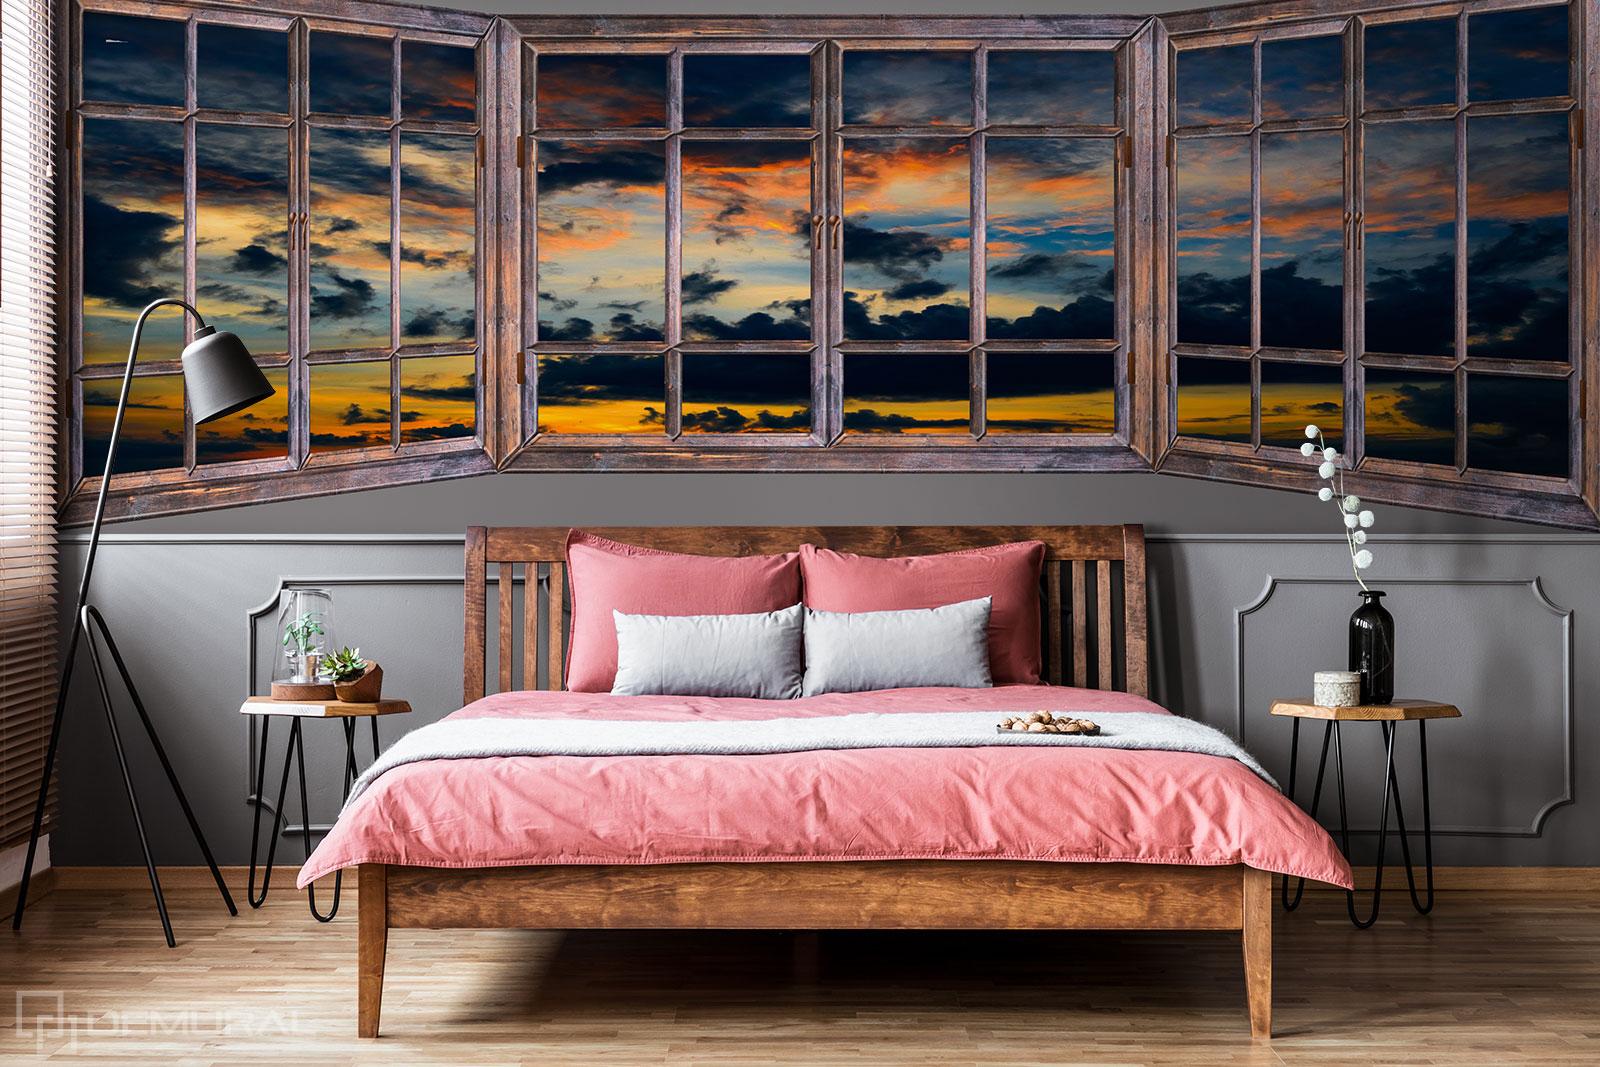 Fototapete Sonnenuntergang vor dem Fenster - Fototapete fenster - Demural